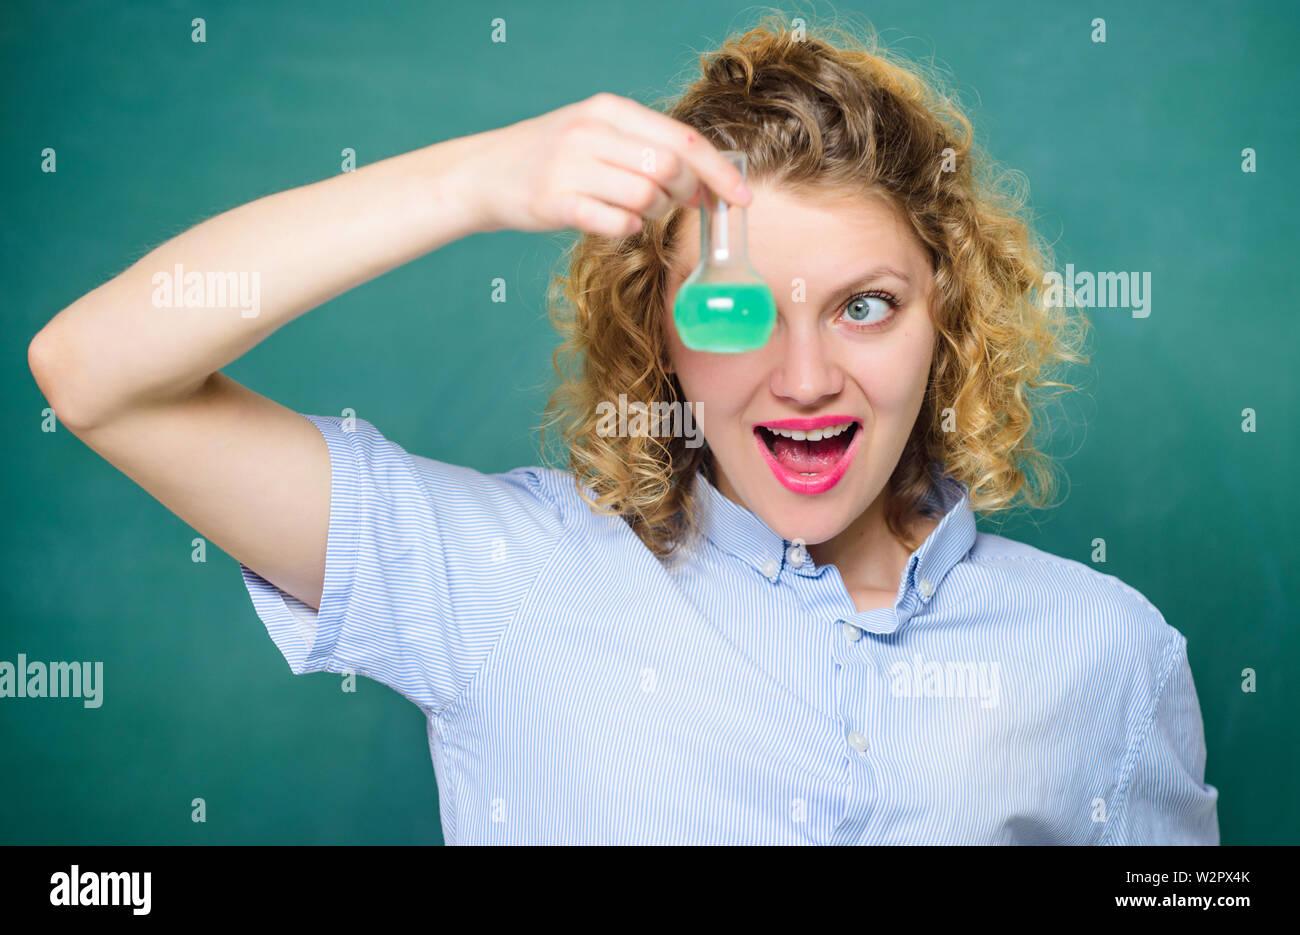 La ciencia y la educación. chica mantenga matraz con químicos líquidos. Feliz con vaso de estudiante. Biología experimento. Muestra la fórmula química. Los resultados de la investigación científica. En la escuela laboratorio. lección escolar. Foto de stock